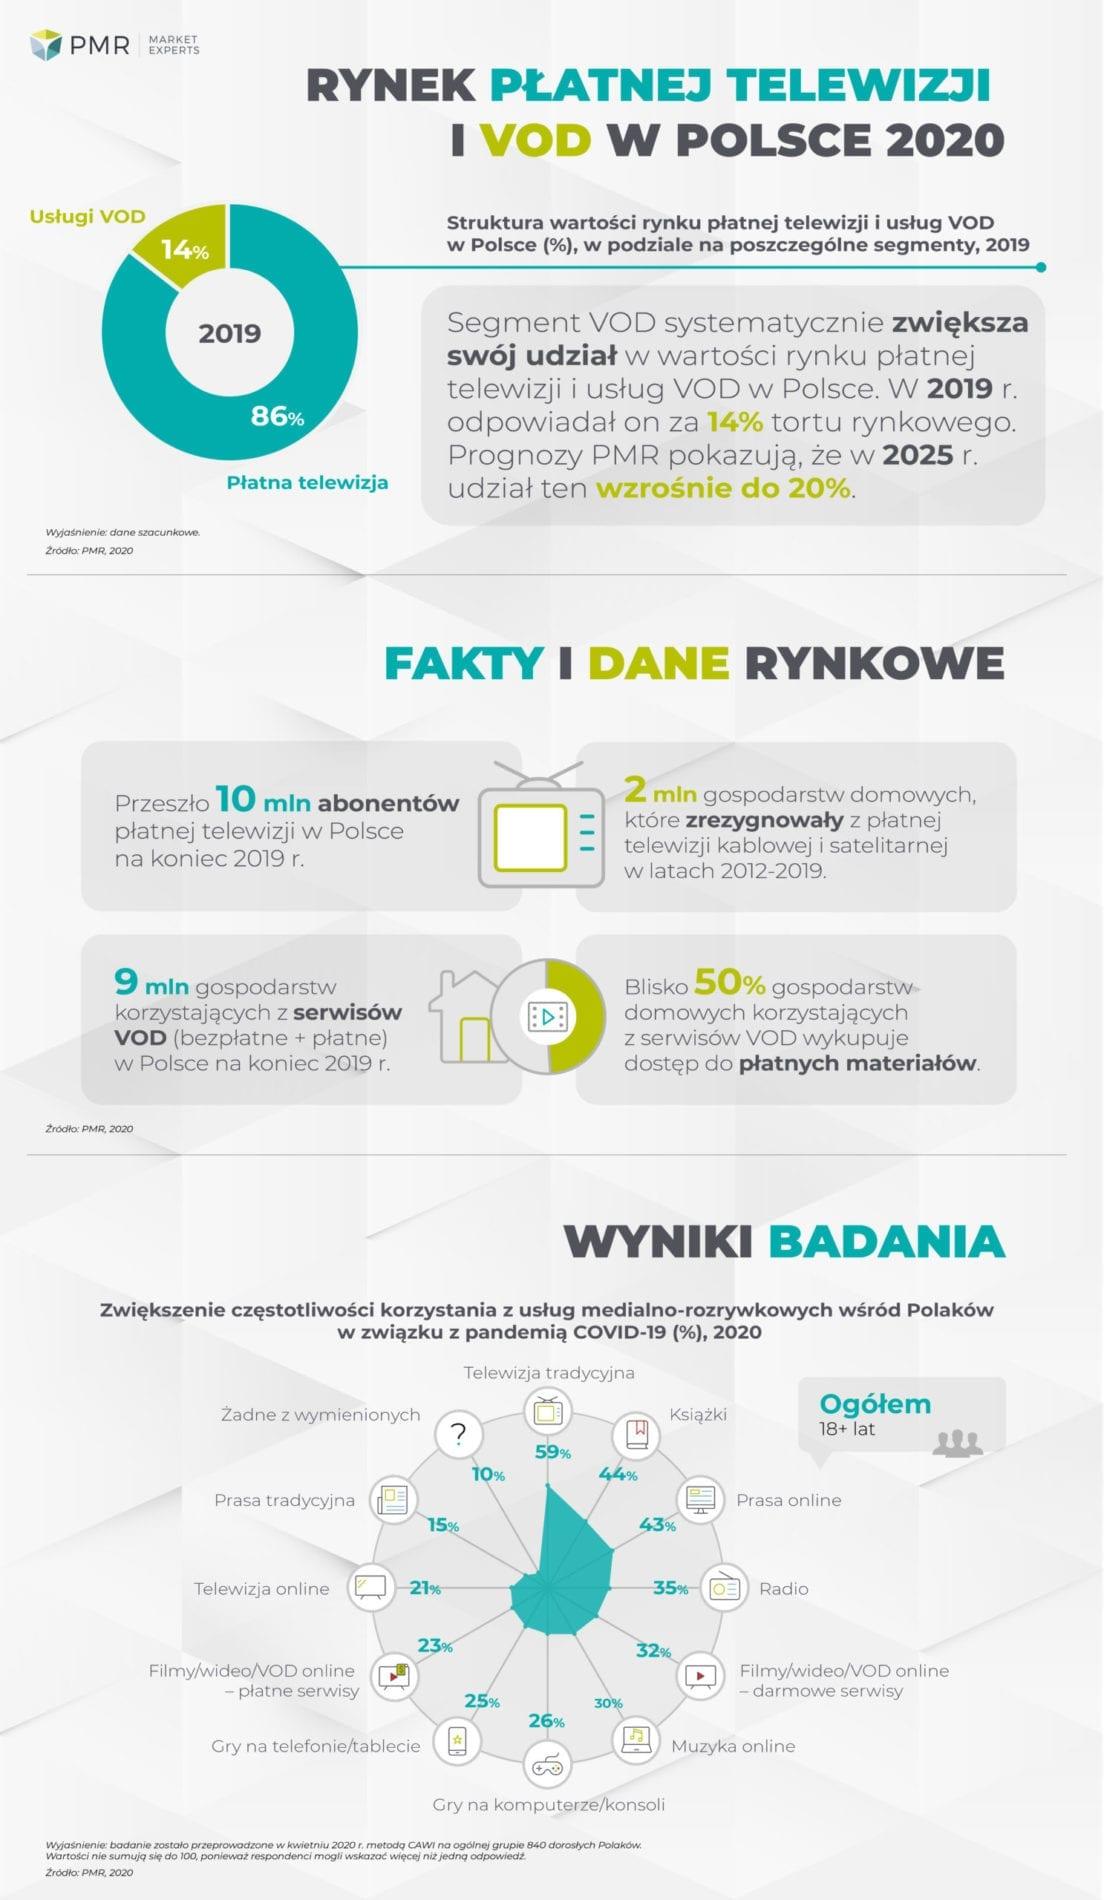 rynek-płatnej-telewizji-i-VOD-w-Polsce